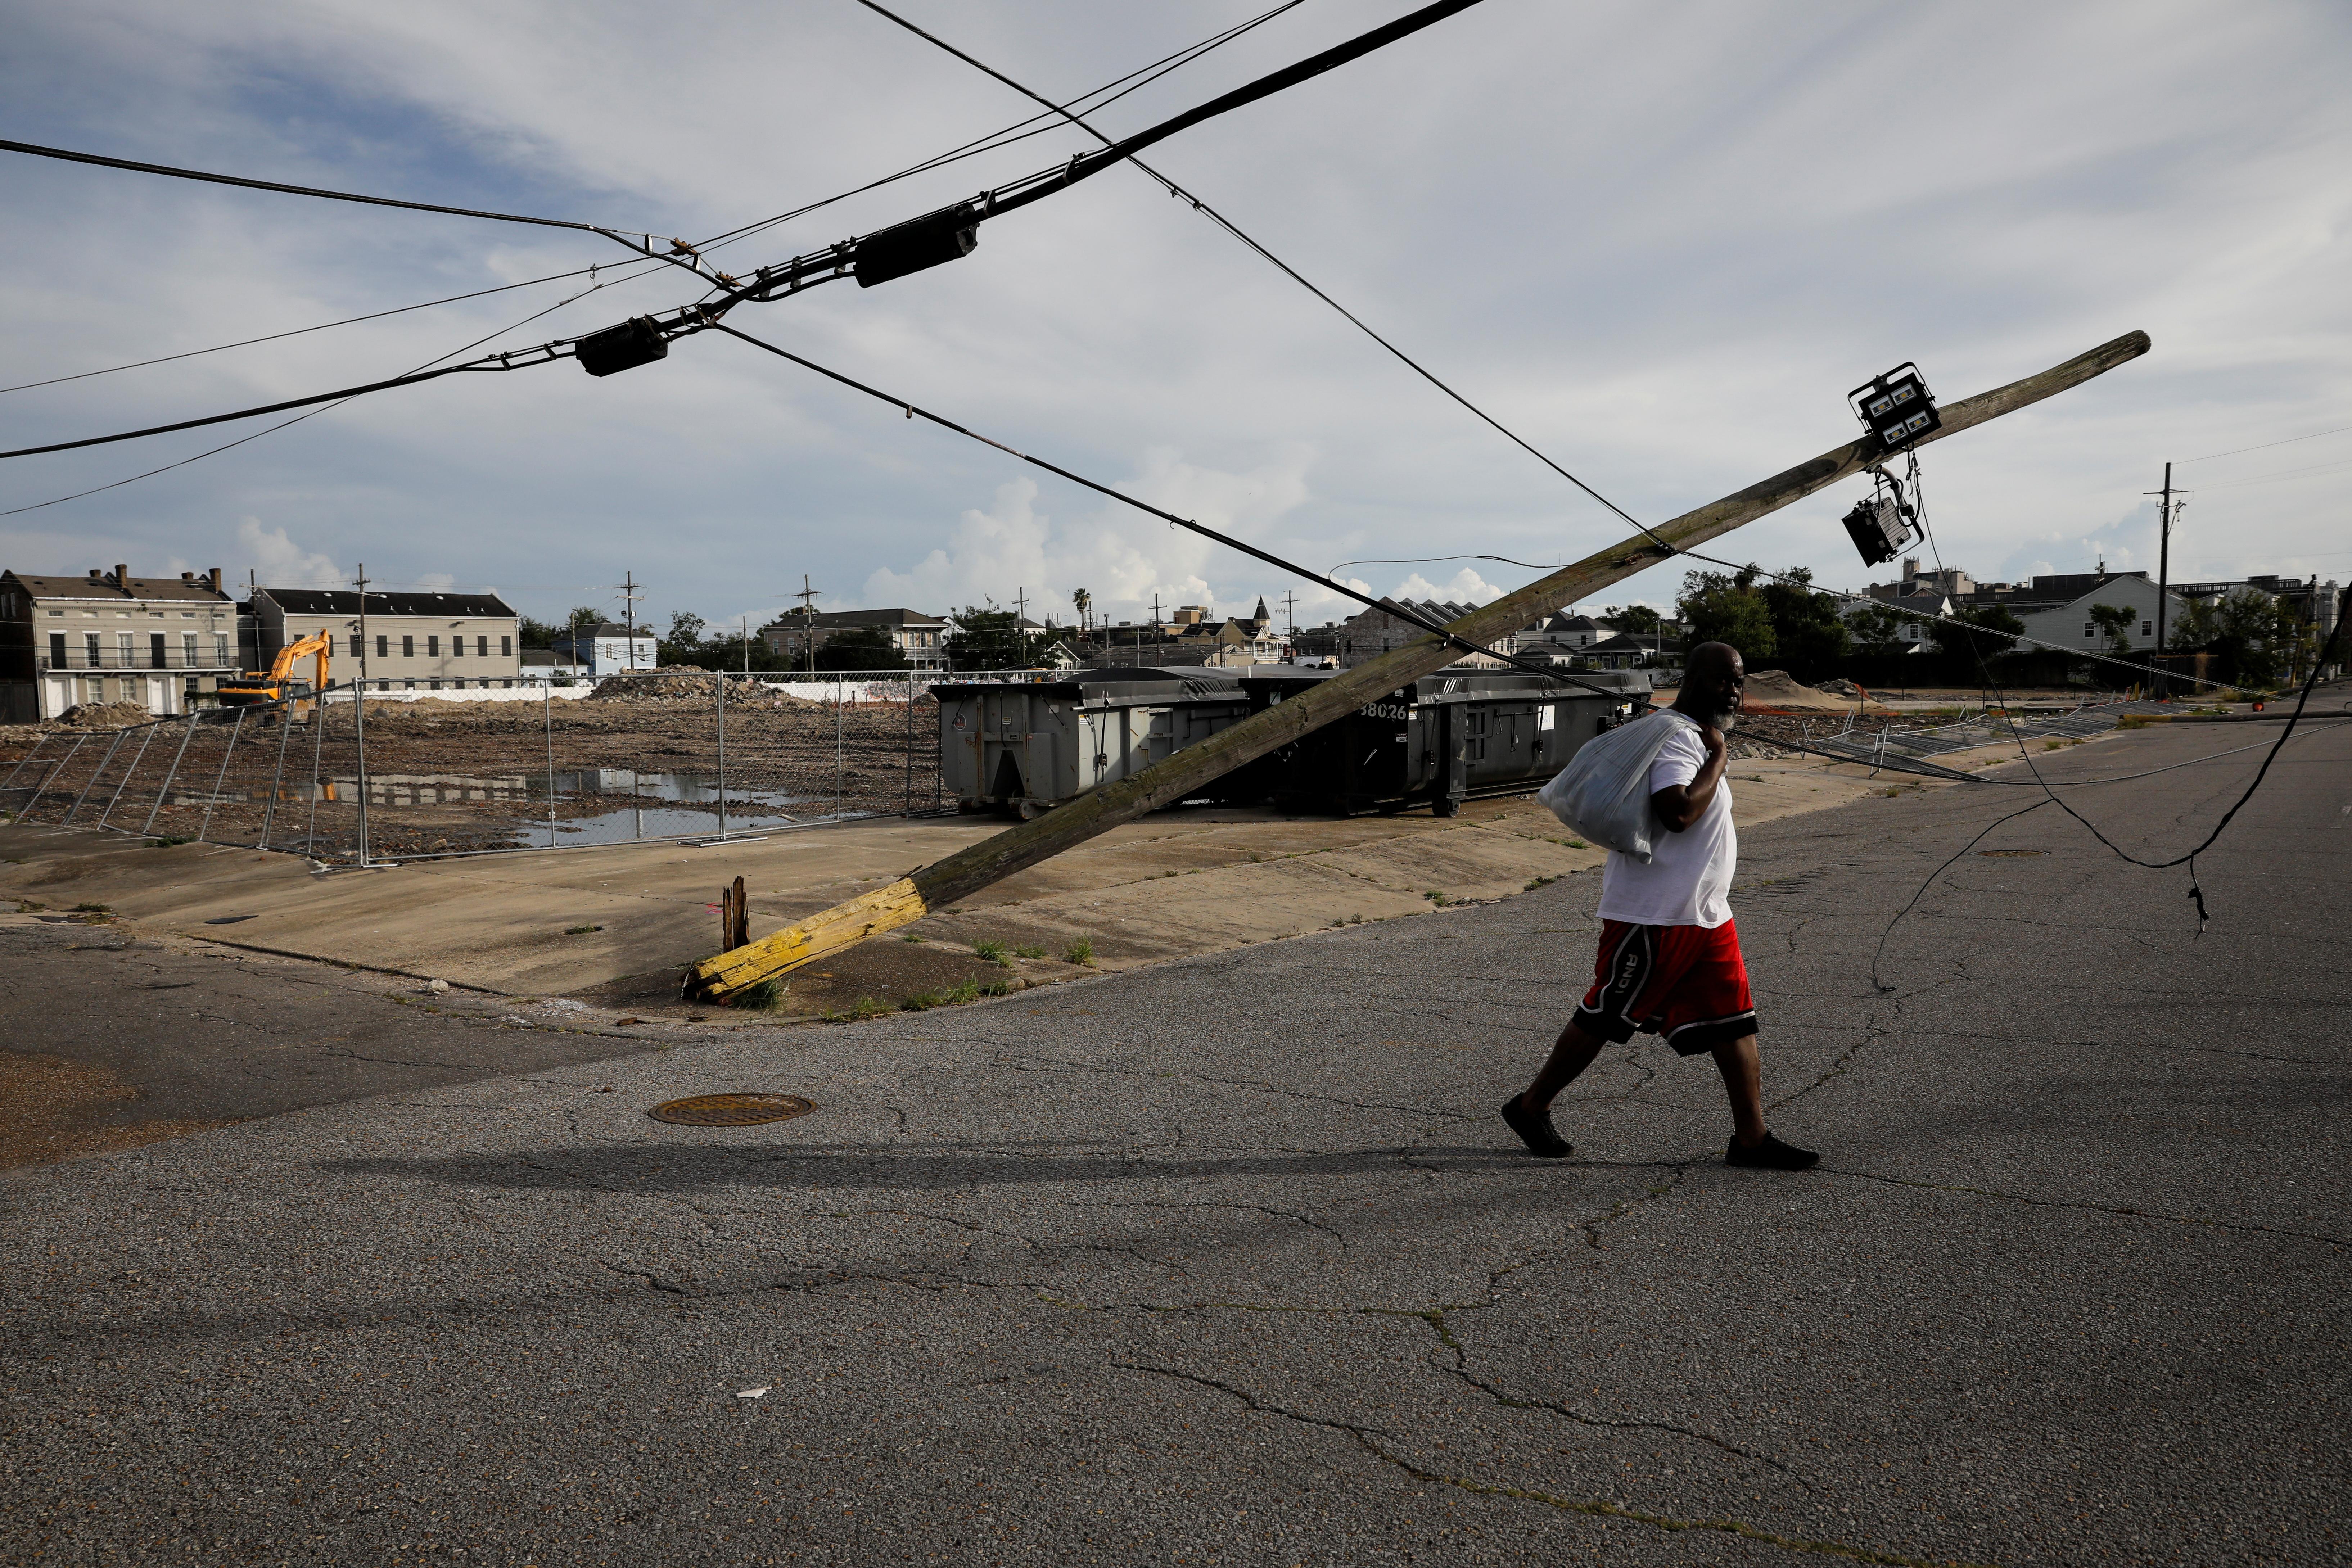 Чоловік проходить повз пошкодженої лінії електропередач на вулиці після того, як ураган Іда зійшов на берег у Луїзіані, у Новому Орлеані, штат Луїзіана, США 30 серпня 2021 р. REUTERS/Марко Белло